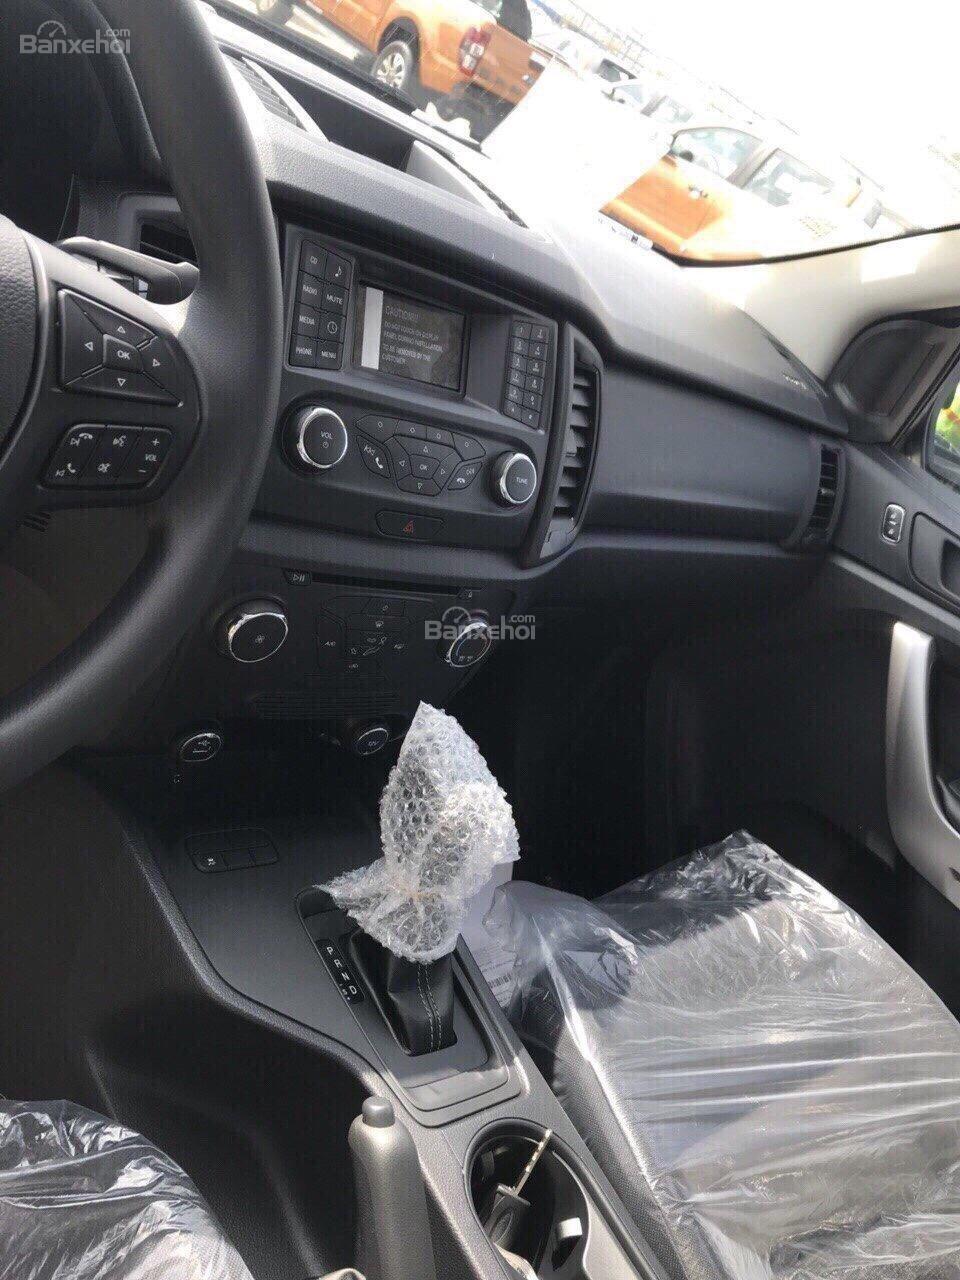 Ford Ranger XLS AT 2.2L 4*2 sx 2018 đủ màu giao ngay, liên hệ Ms. Hoàng để được hỗ trợ-4